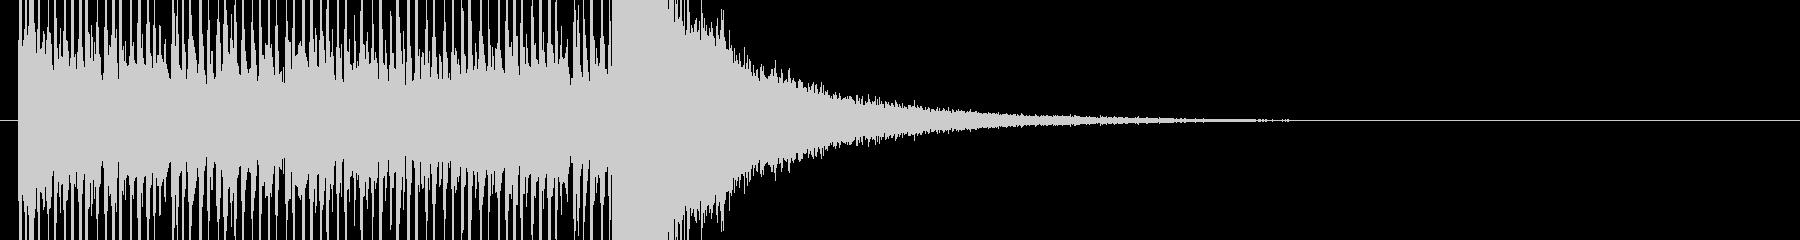 結果発表前のドラムロールの未再生の波形